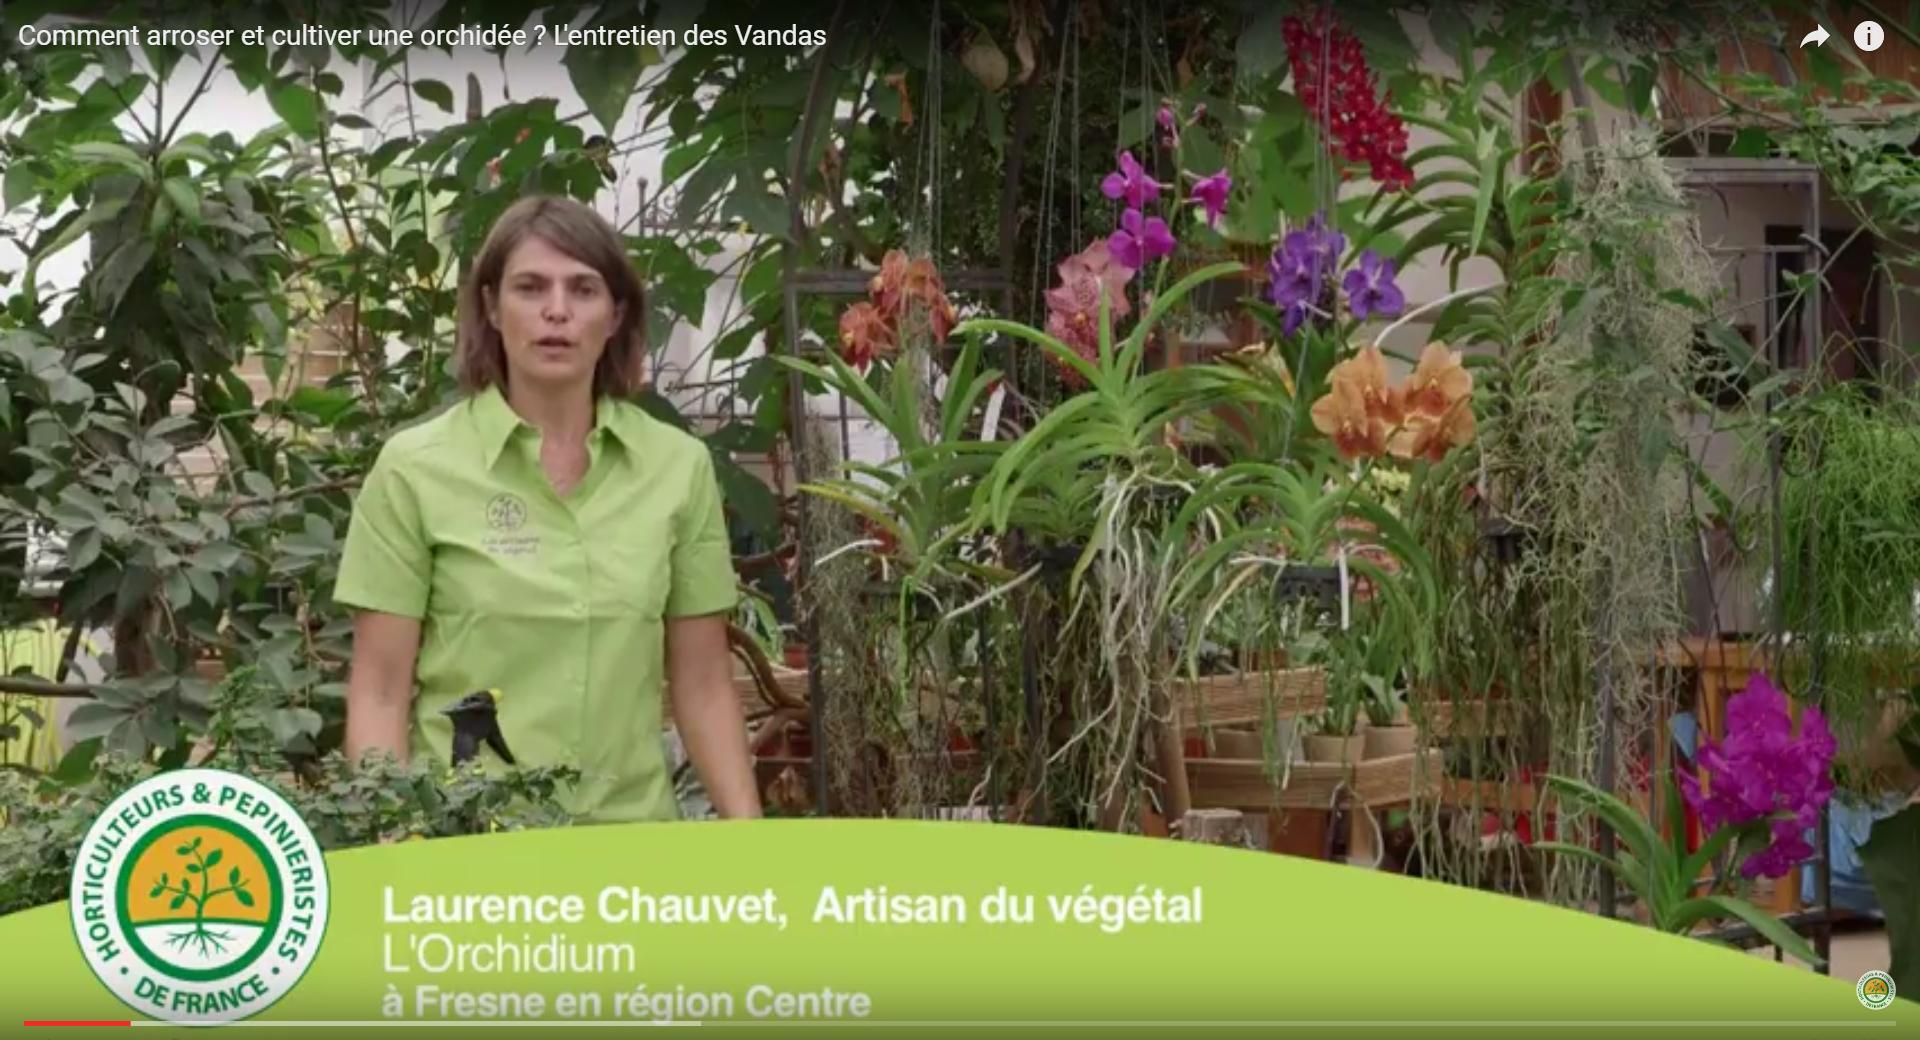 Comment Planter Une Orchidée comment arroser et cultiver une orchidée ? l'entretien des